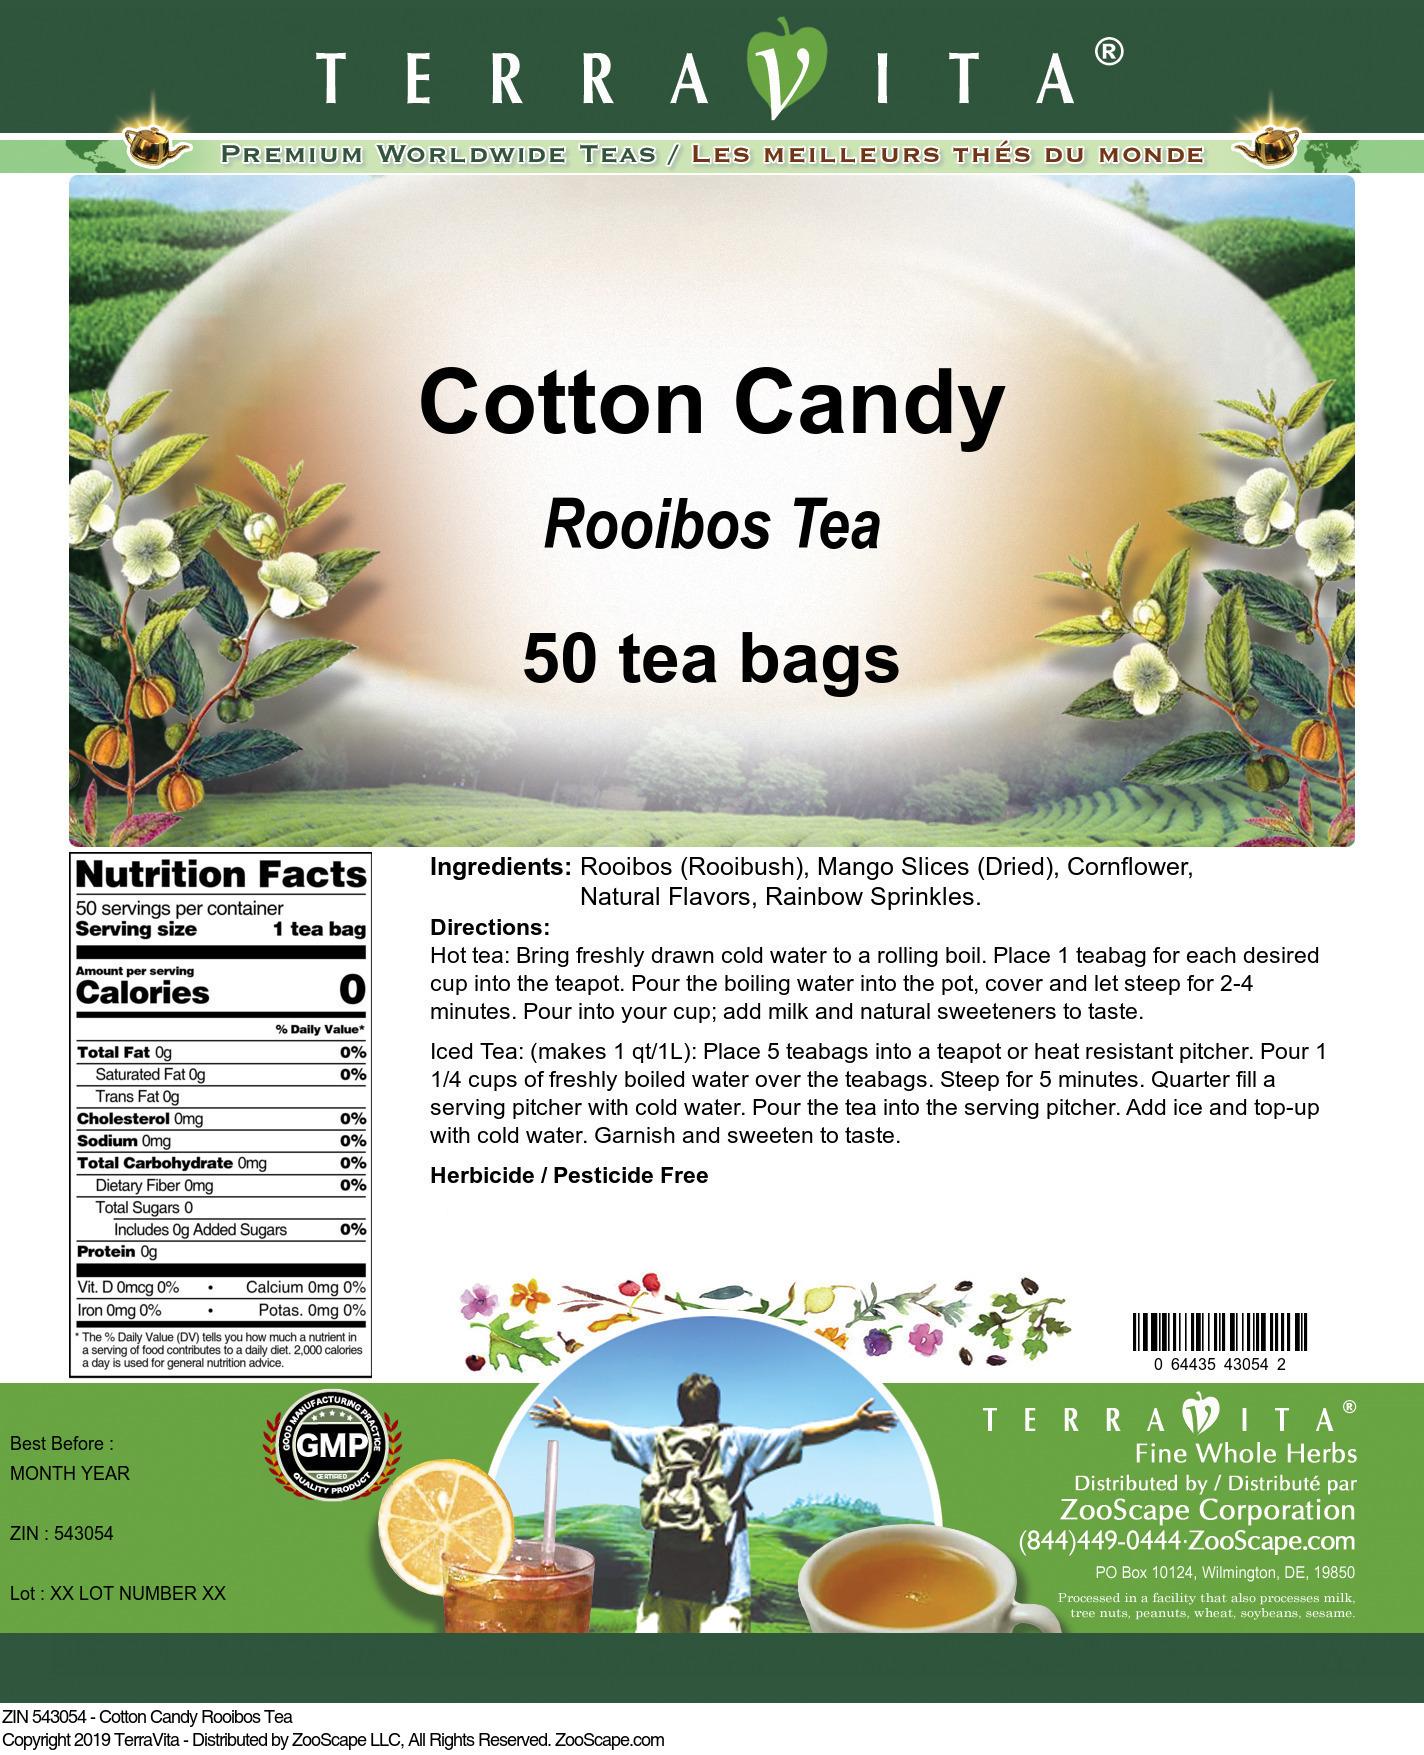 Cotton Candy Rooibos Tea